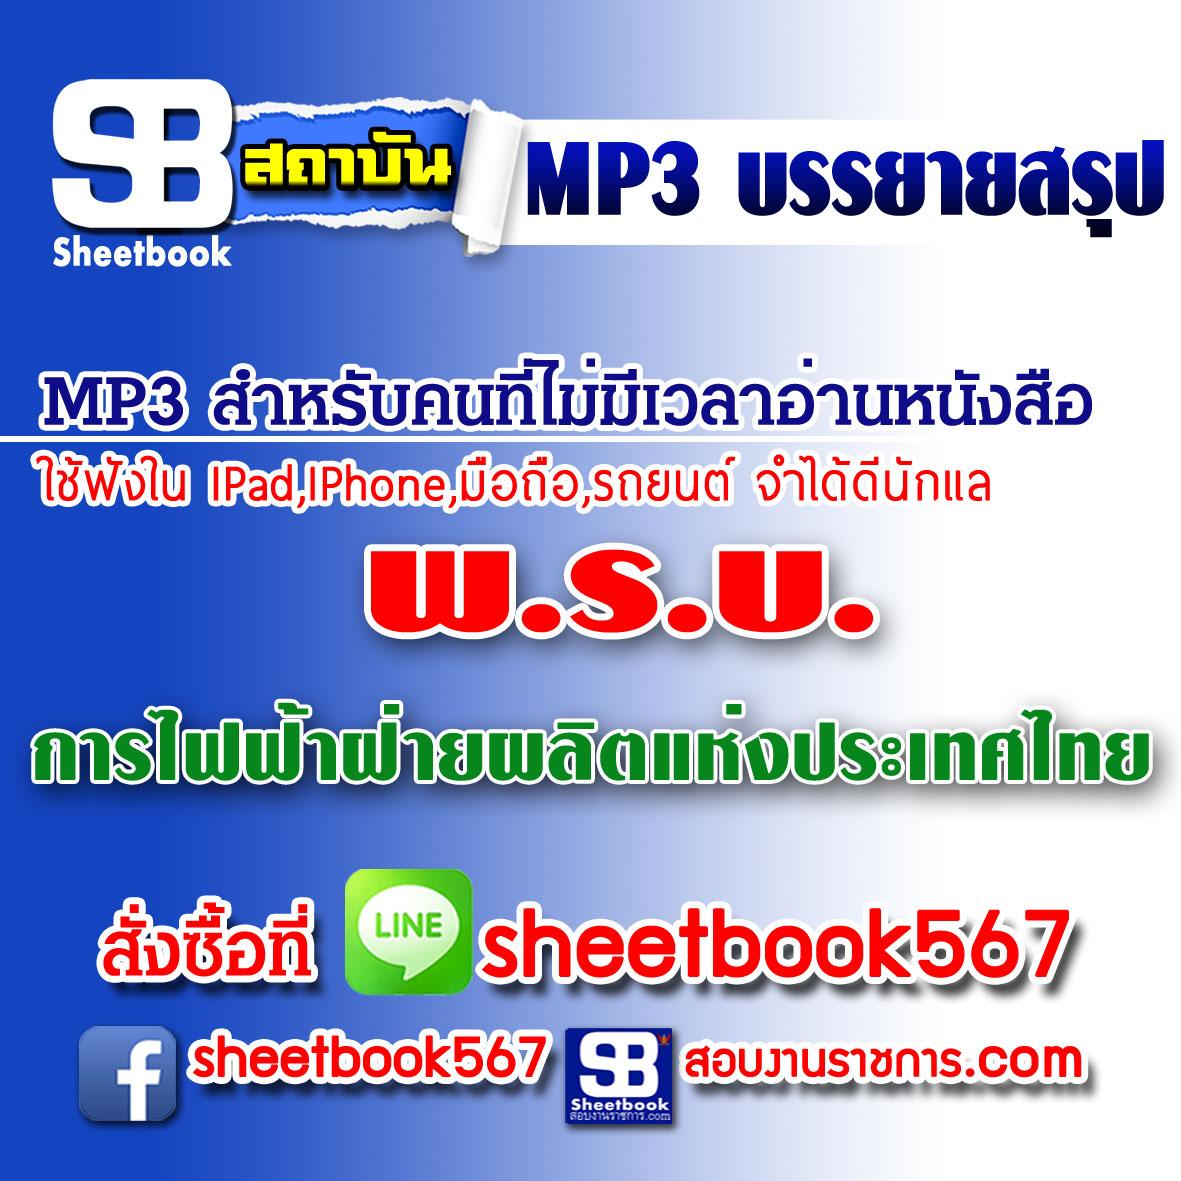 P038 - พรบ. การไฟฟ้าฝ่ายผลิตแห่งประเทศไทย